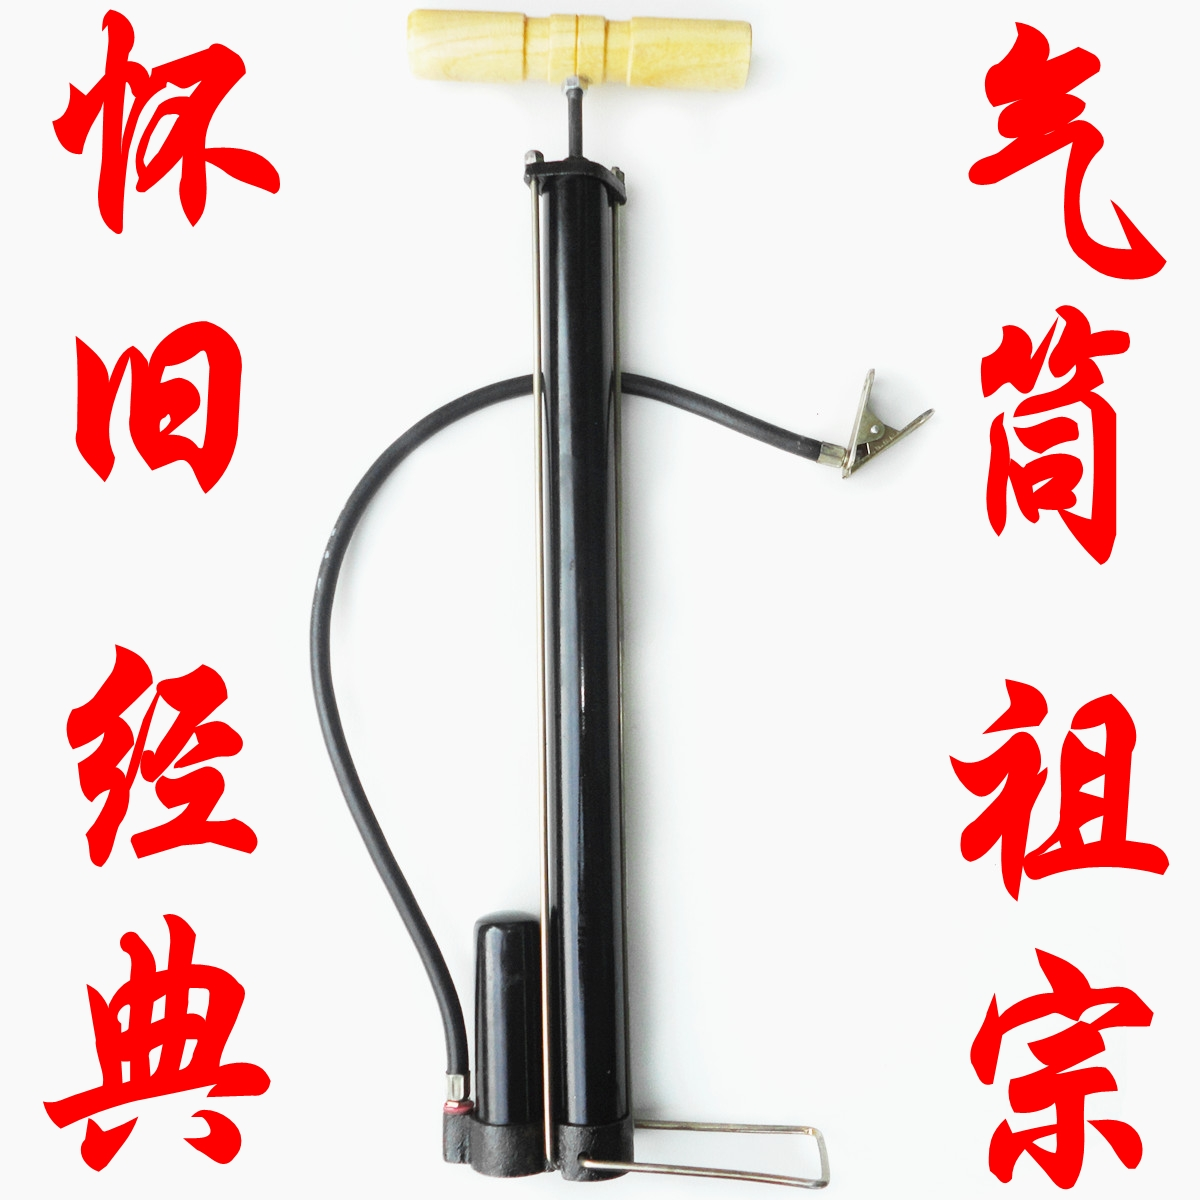 Yu Tề gia dụng mới trên di động, xe đạp xe máy cũ gọi ống bơm hơi áp suất cao xe đánh